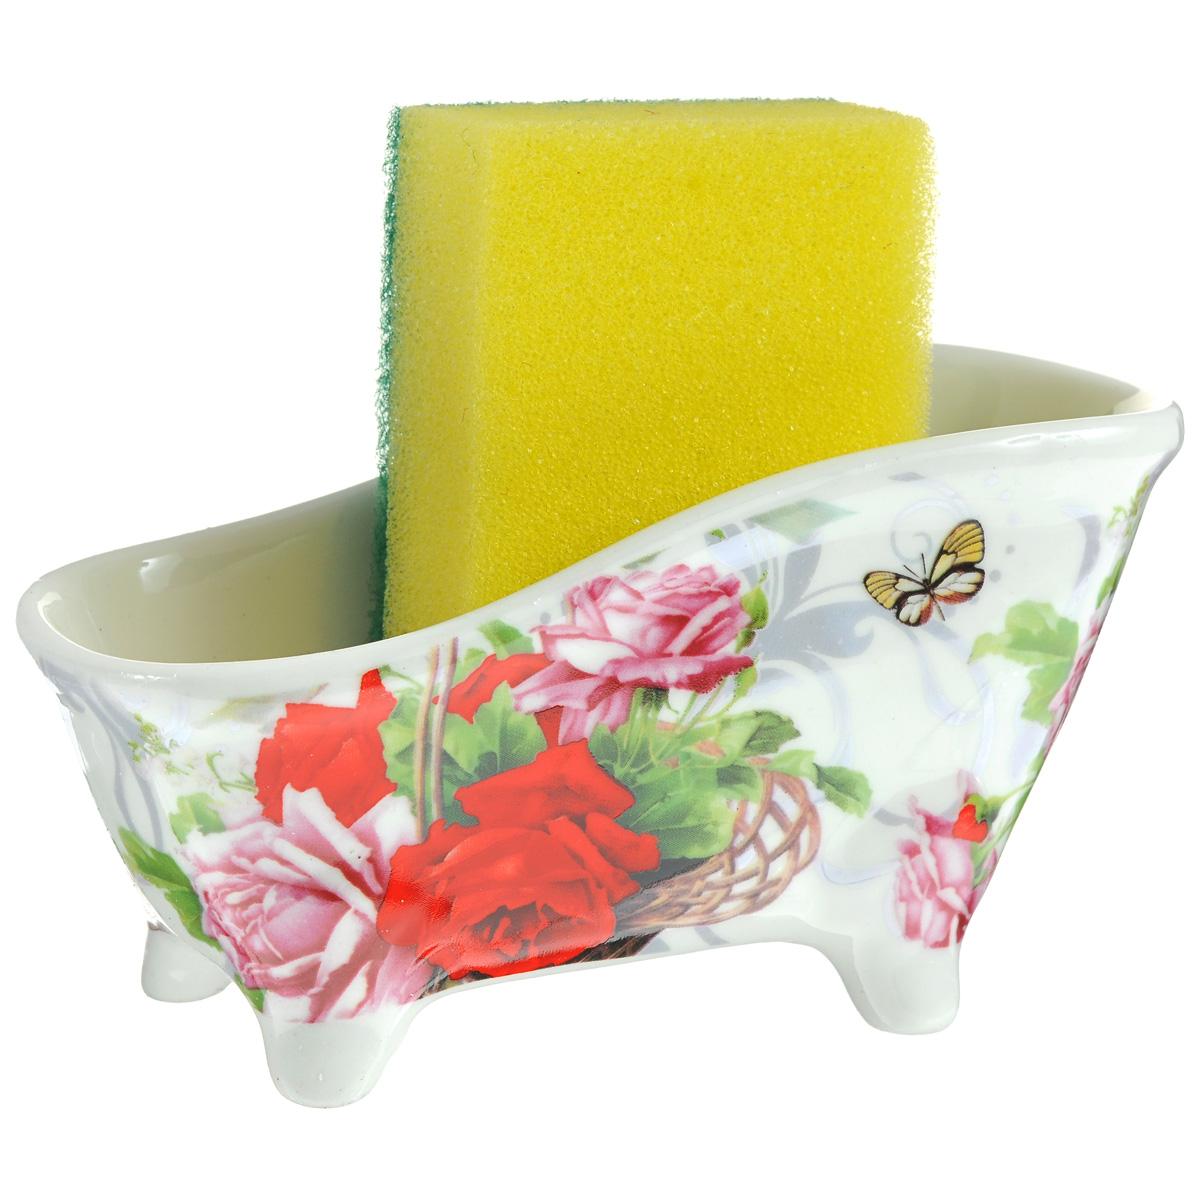 Набор для мытья посуды Besko Корзина роз, 2 предмета. 532-15621395599Набор для мытья посуды Besko Корзина роз состоит из подставки и губки. Подставка выполнена из фарфора в виде ванночки на четырех ножках. Губка идеально впитывает влагу и деликатно очищает поверхность, не царапая ее. Размер подставки: 14,5 см х 6 см х 7,5 см. Размер губки: 9 см х 6 см х 3 см.Уважаемые клиенты!Обращаем ваше внимание на цветовой ассортимент товара. Поставка осуществляется в зависимости от прихода товара на склад.